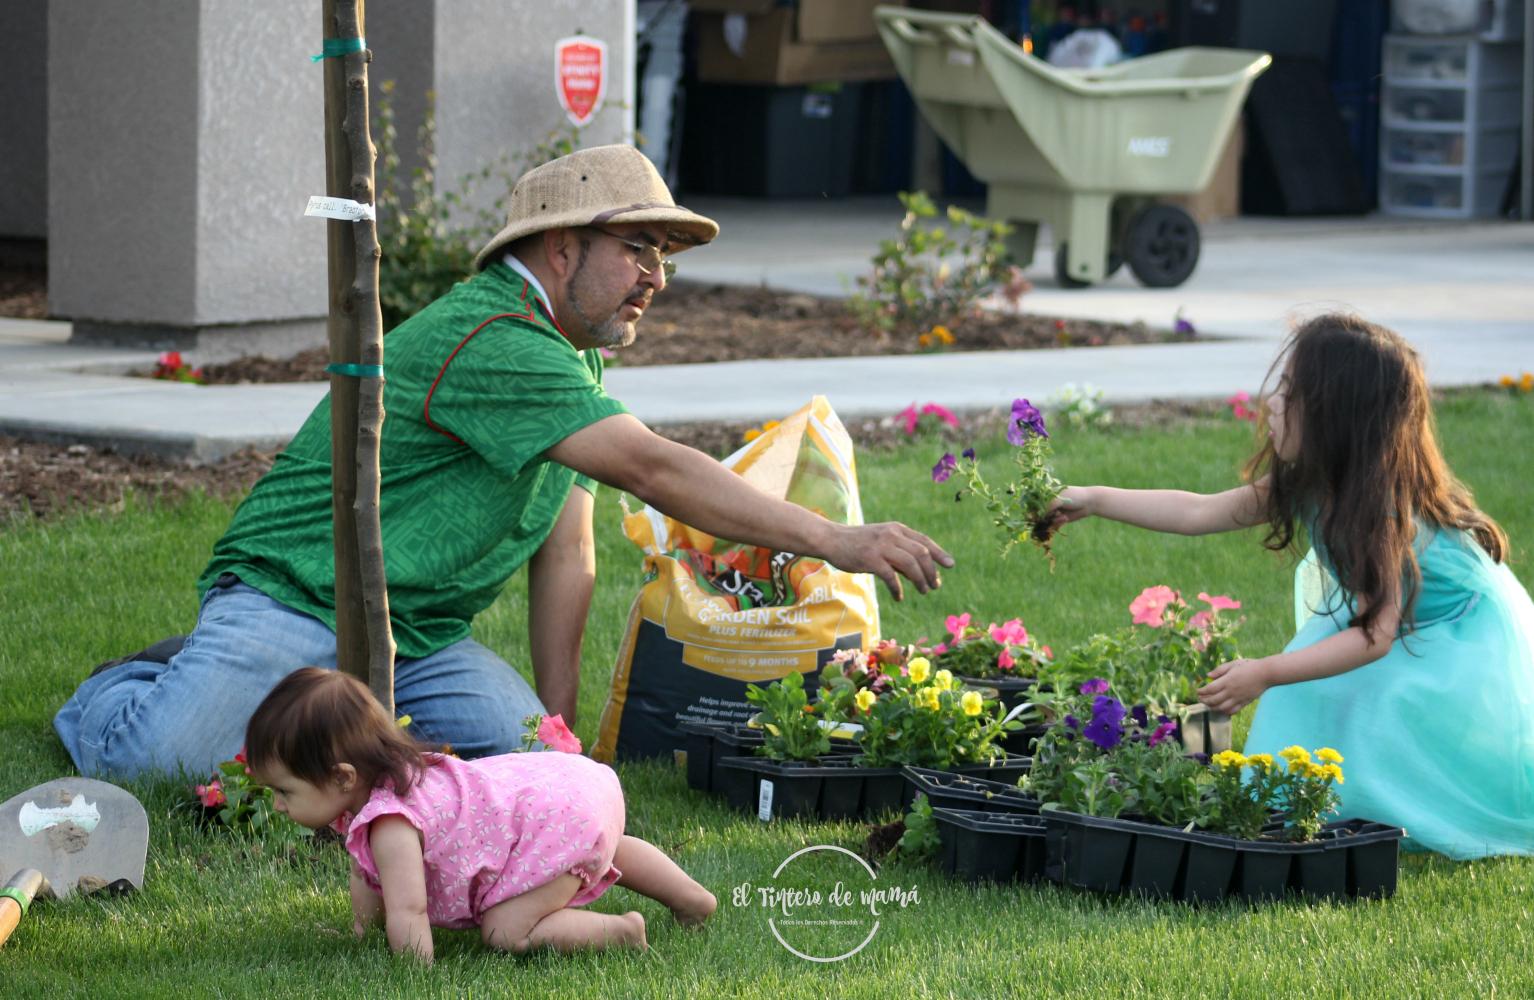 Lecciones_de_vida_para_cuidar_el_jardin